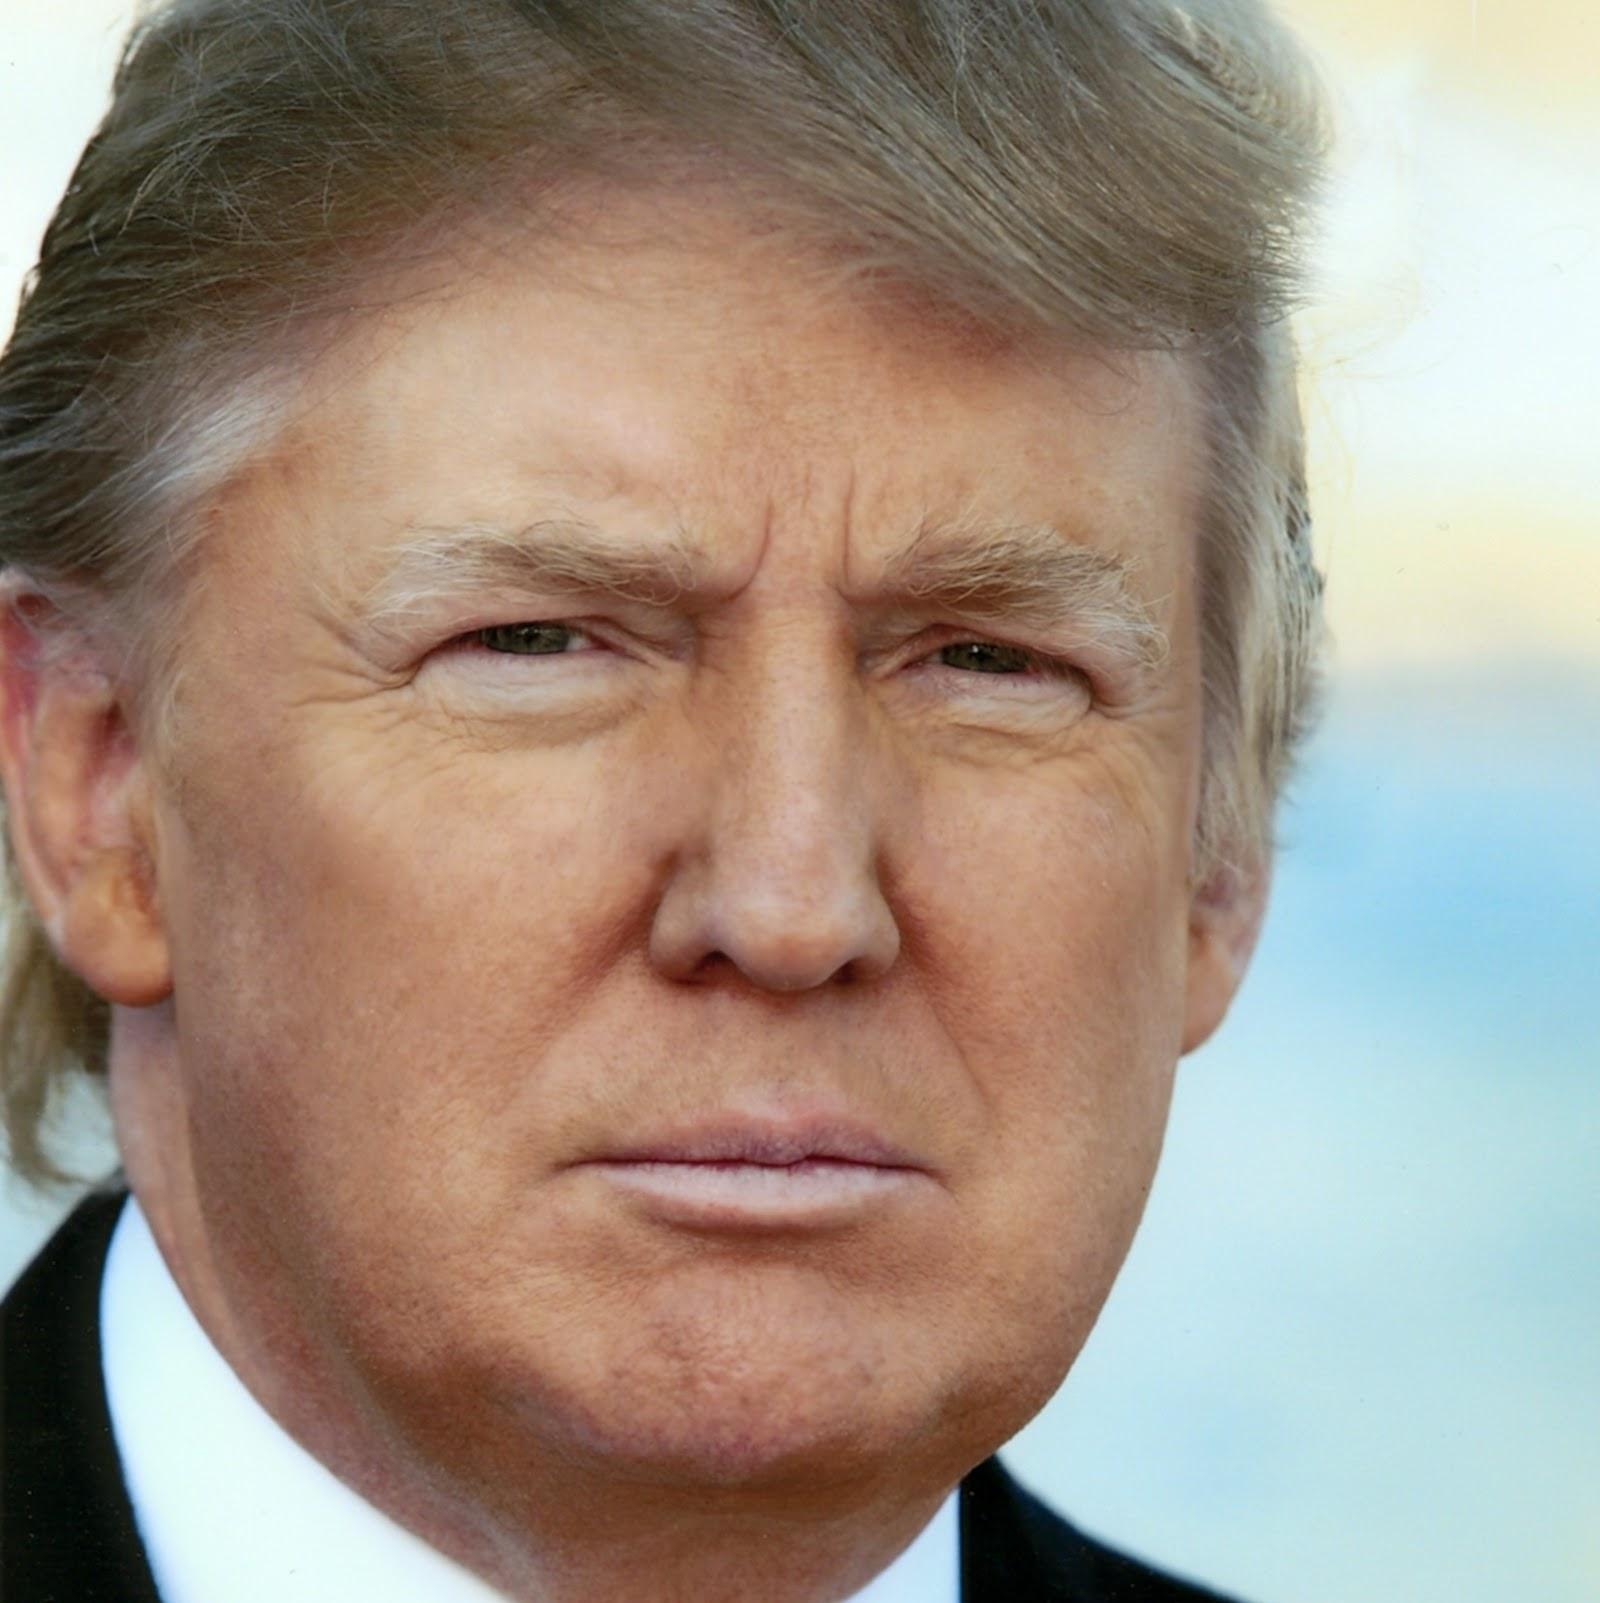 Trump veut interdire les transactions avec des applications chinoises de paiements